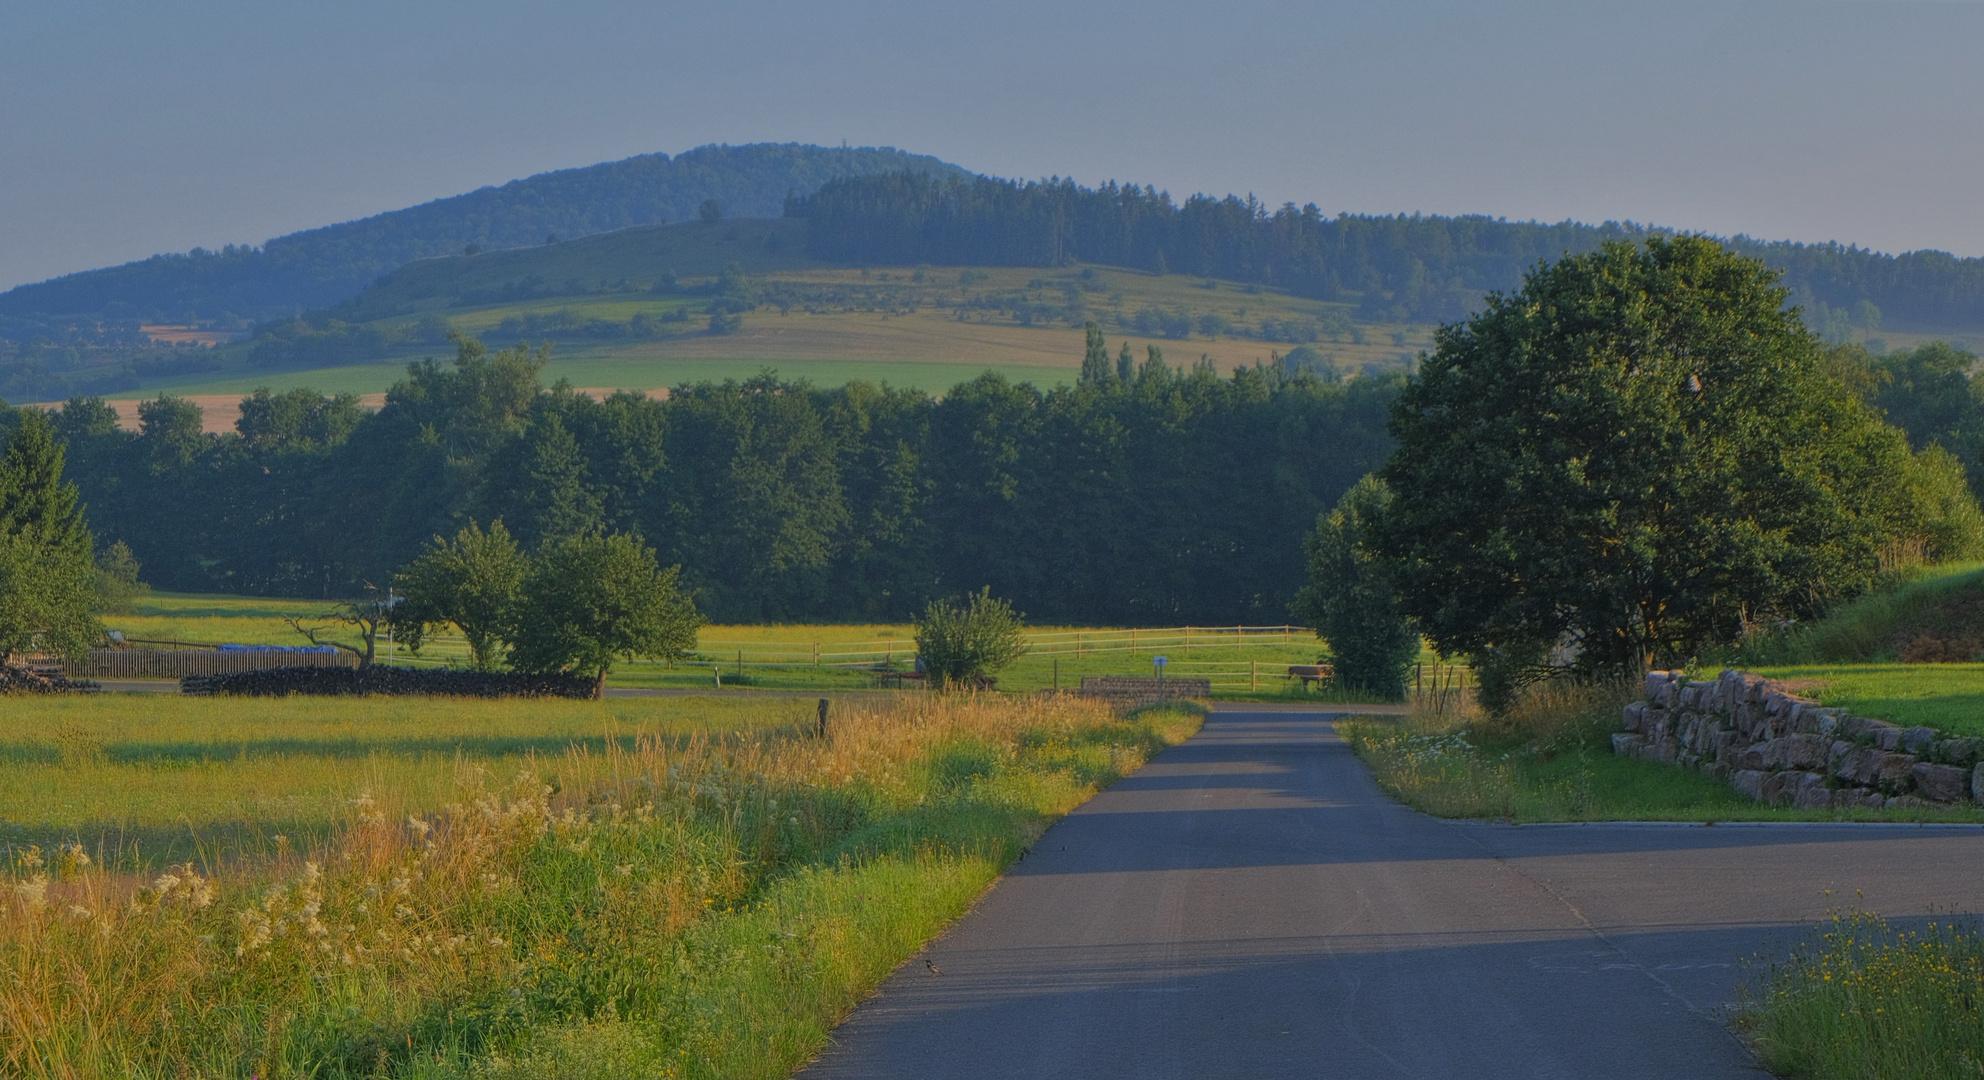 am Morgen (por la mañana)